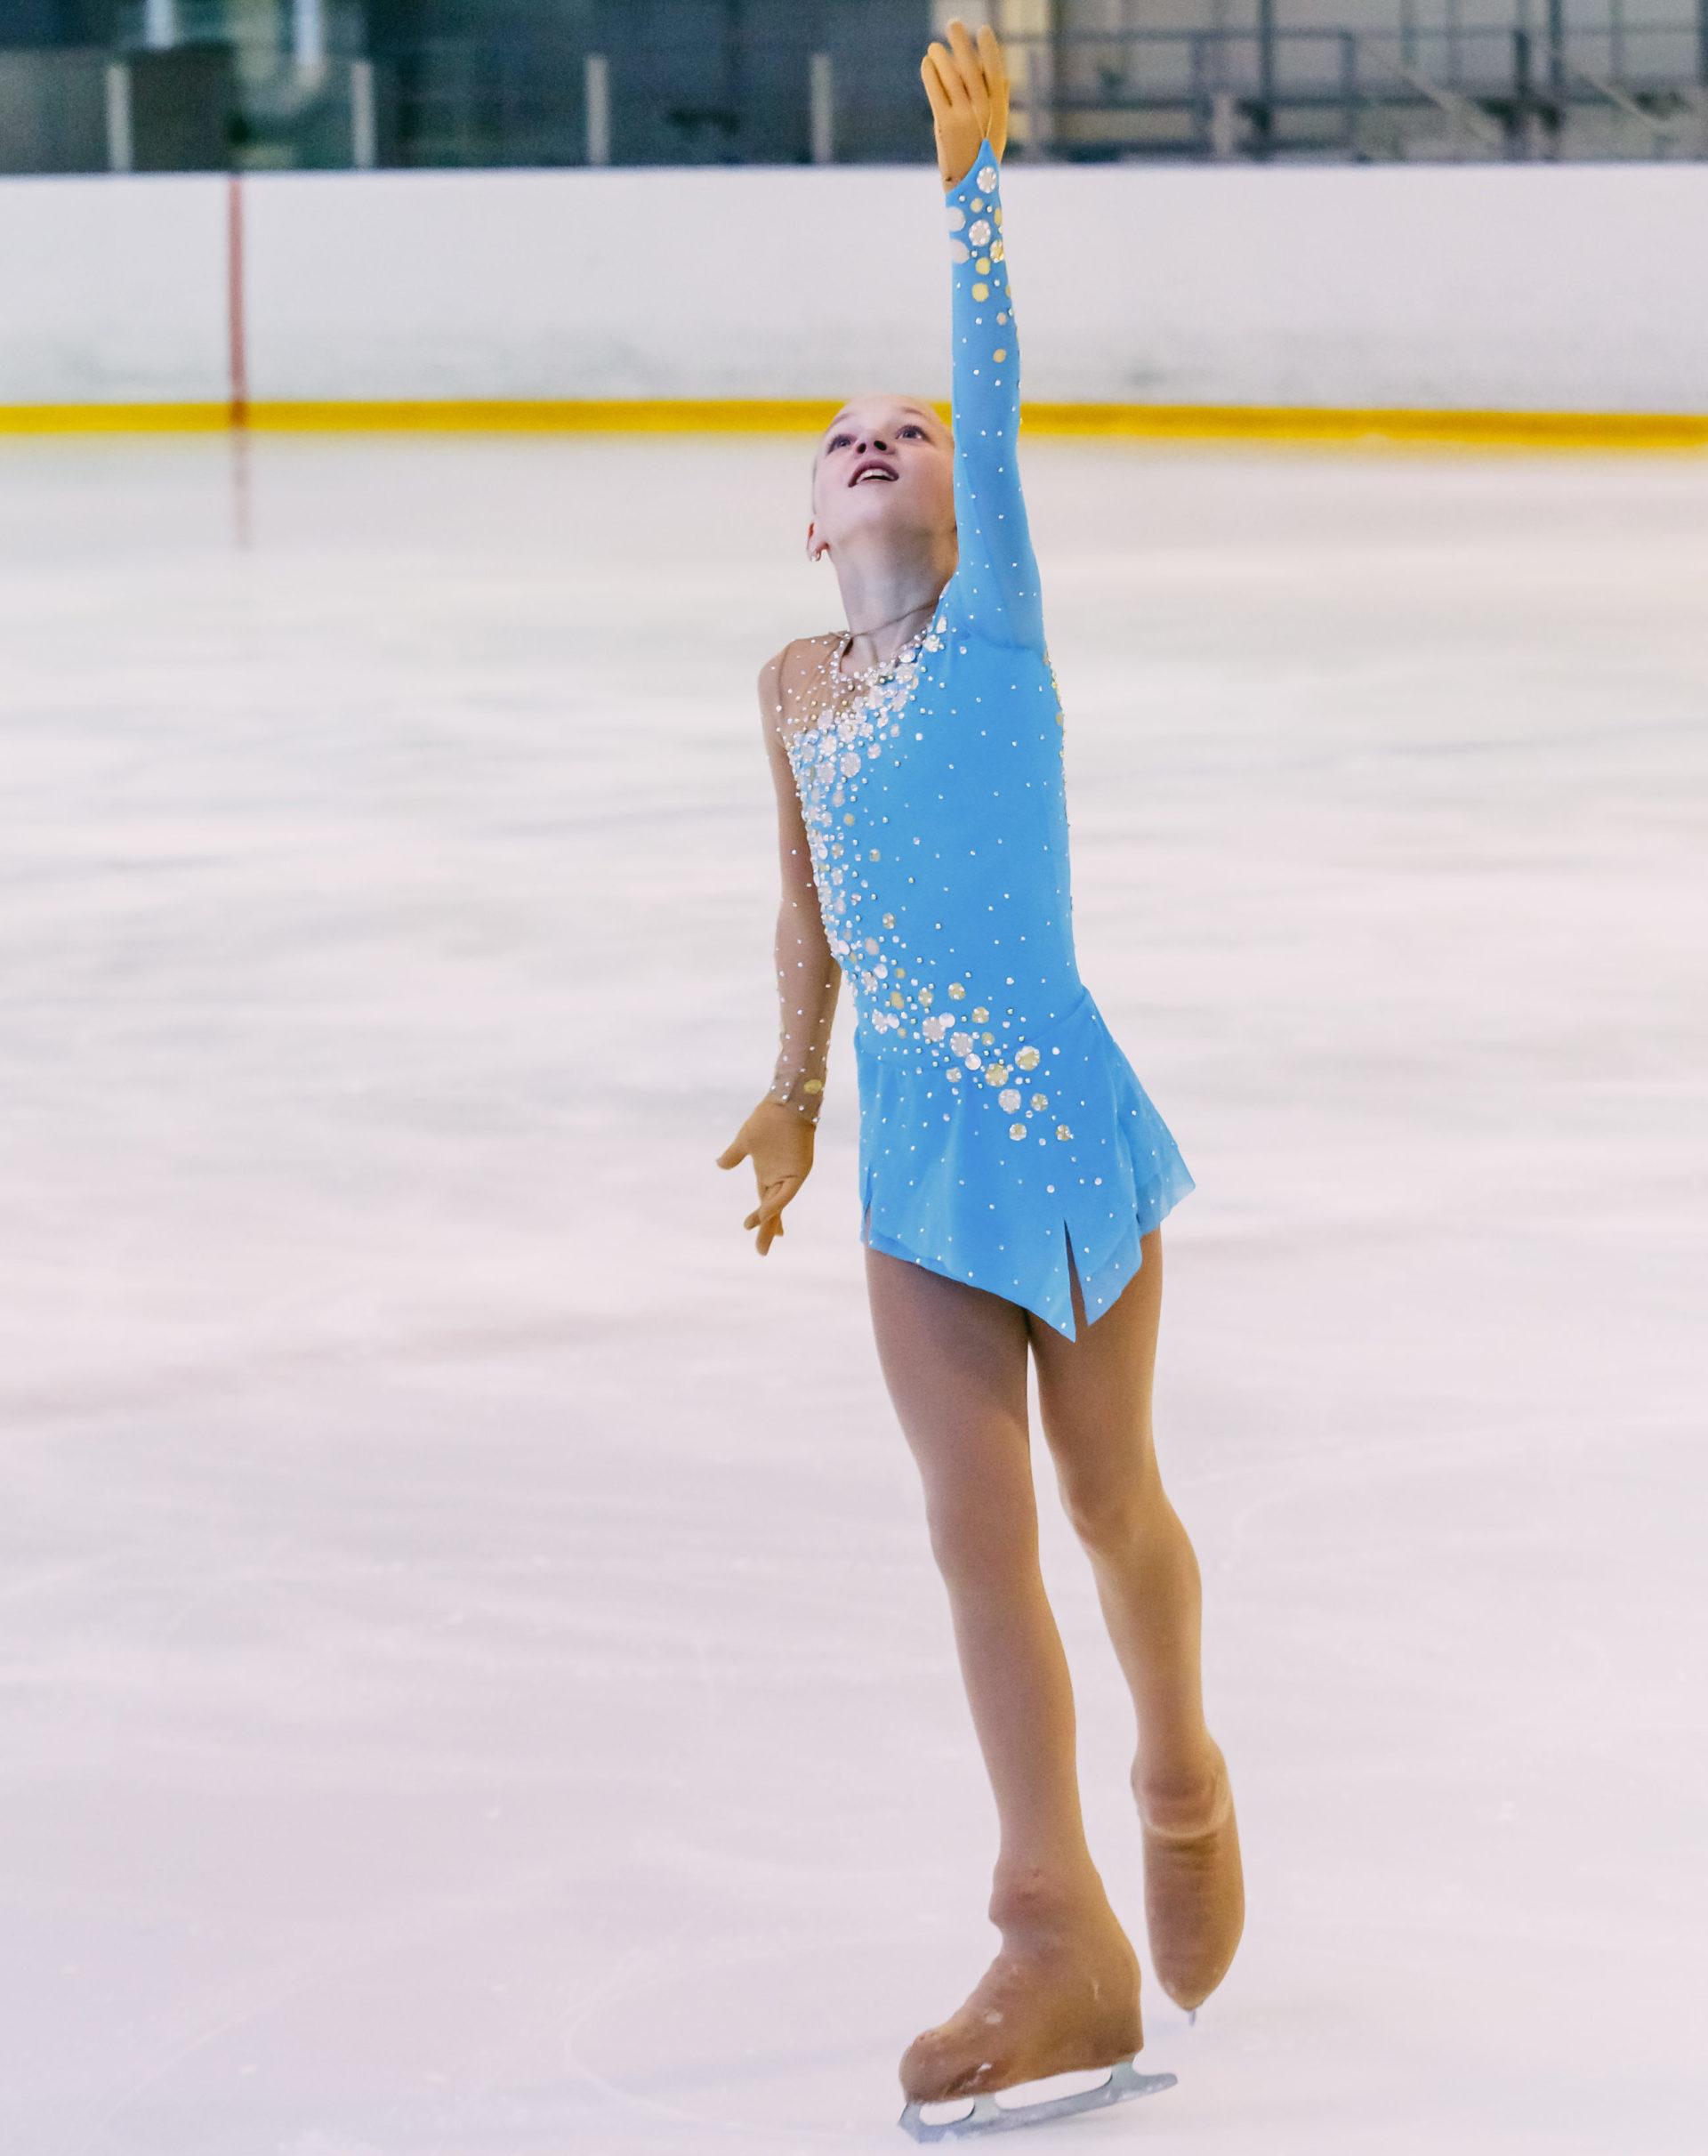 dz-led.ru